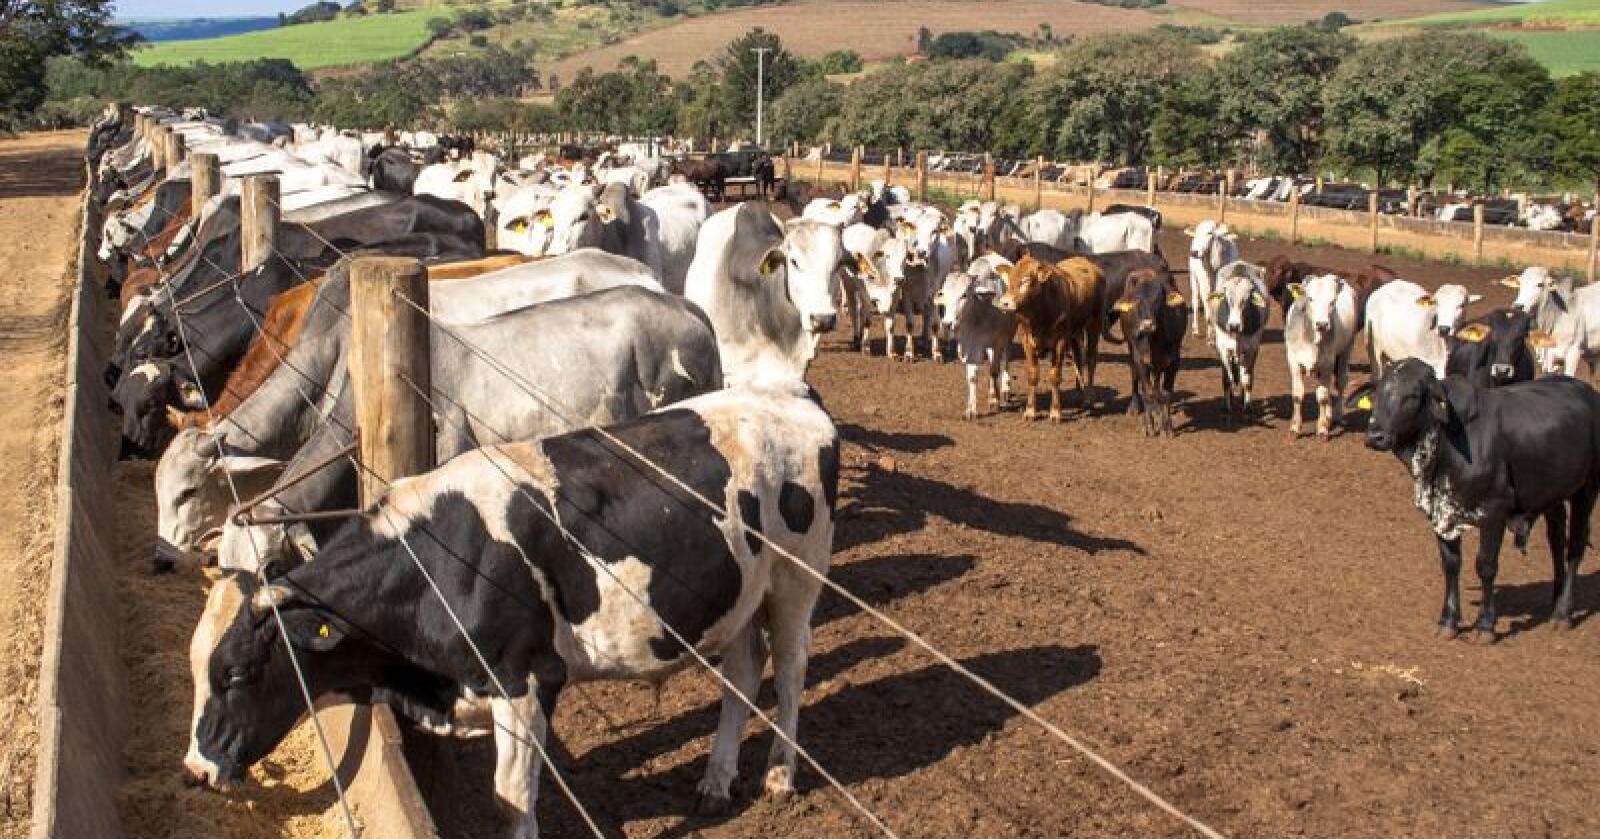 En avtale mellom EFTA og Mercosur ventes å ramme norsk landbruk svært hardt. På bildet ser vi storfe i Cravinhos i delstaten São Paulo, sørøst i Brasil. Foto: Alf Ribeiro/Shutterstock